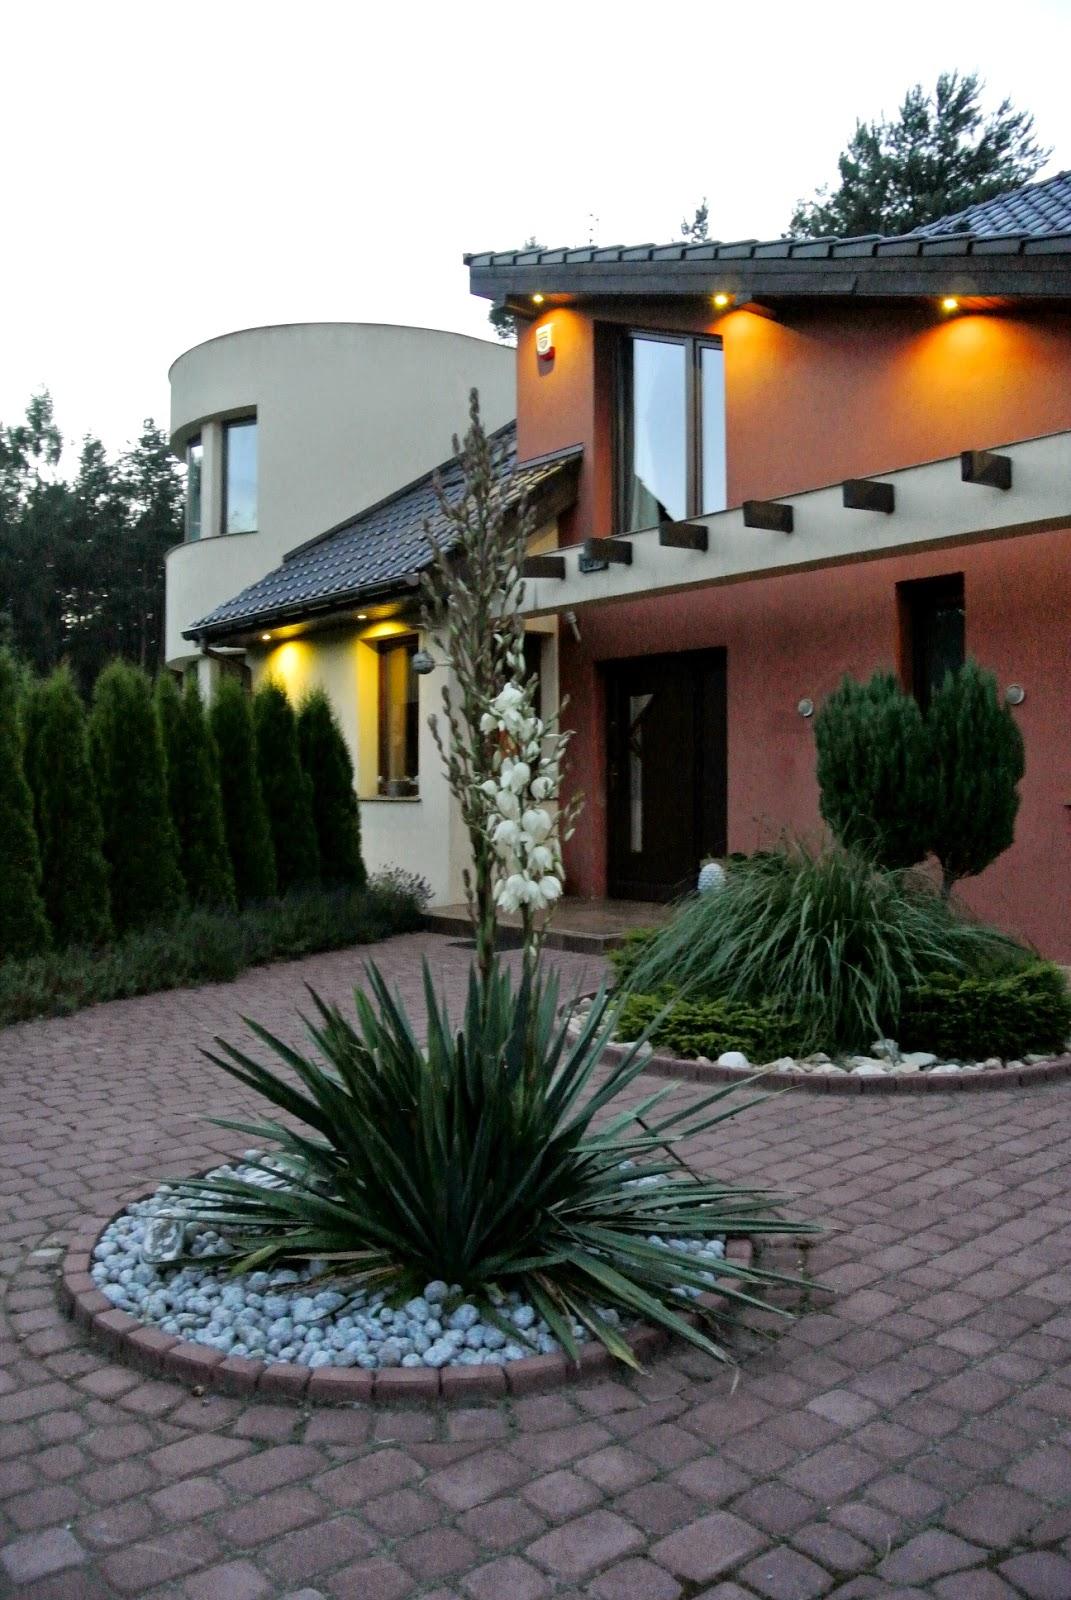 nietypowy dom,projekt domu indywidualny,juka,yucca,tuje,okrągłe rabaty,trawa,koło w domu,nryła domu,nietypowe domy,piękny dom,ogród,dom ekologiczny,pompa ciepła,Szczecin